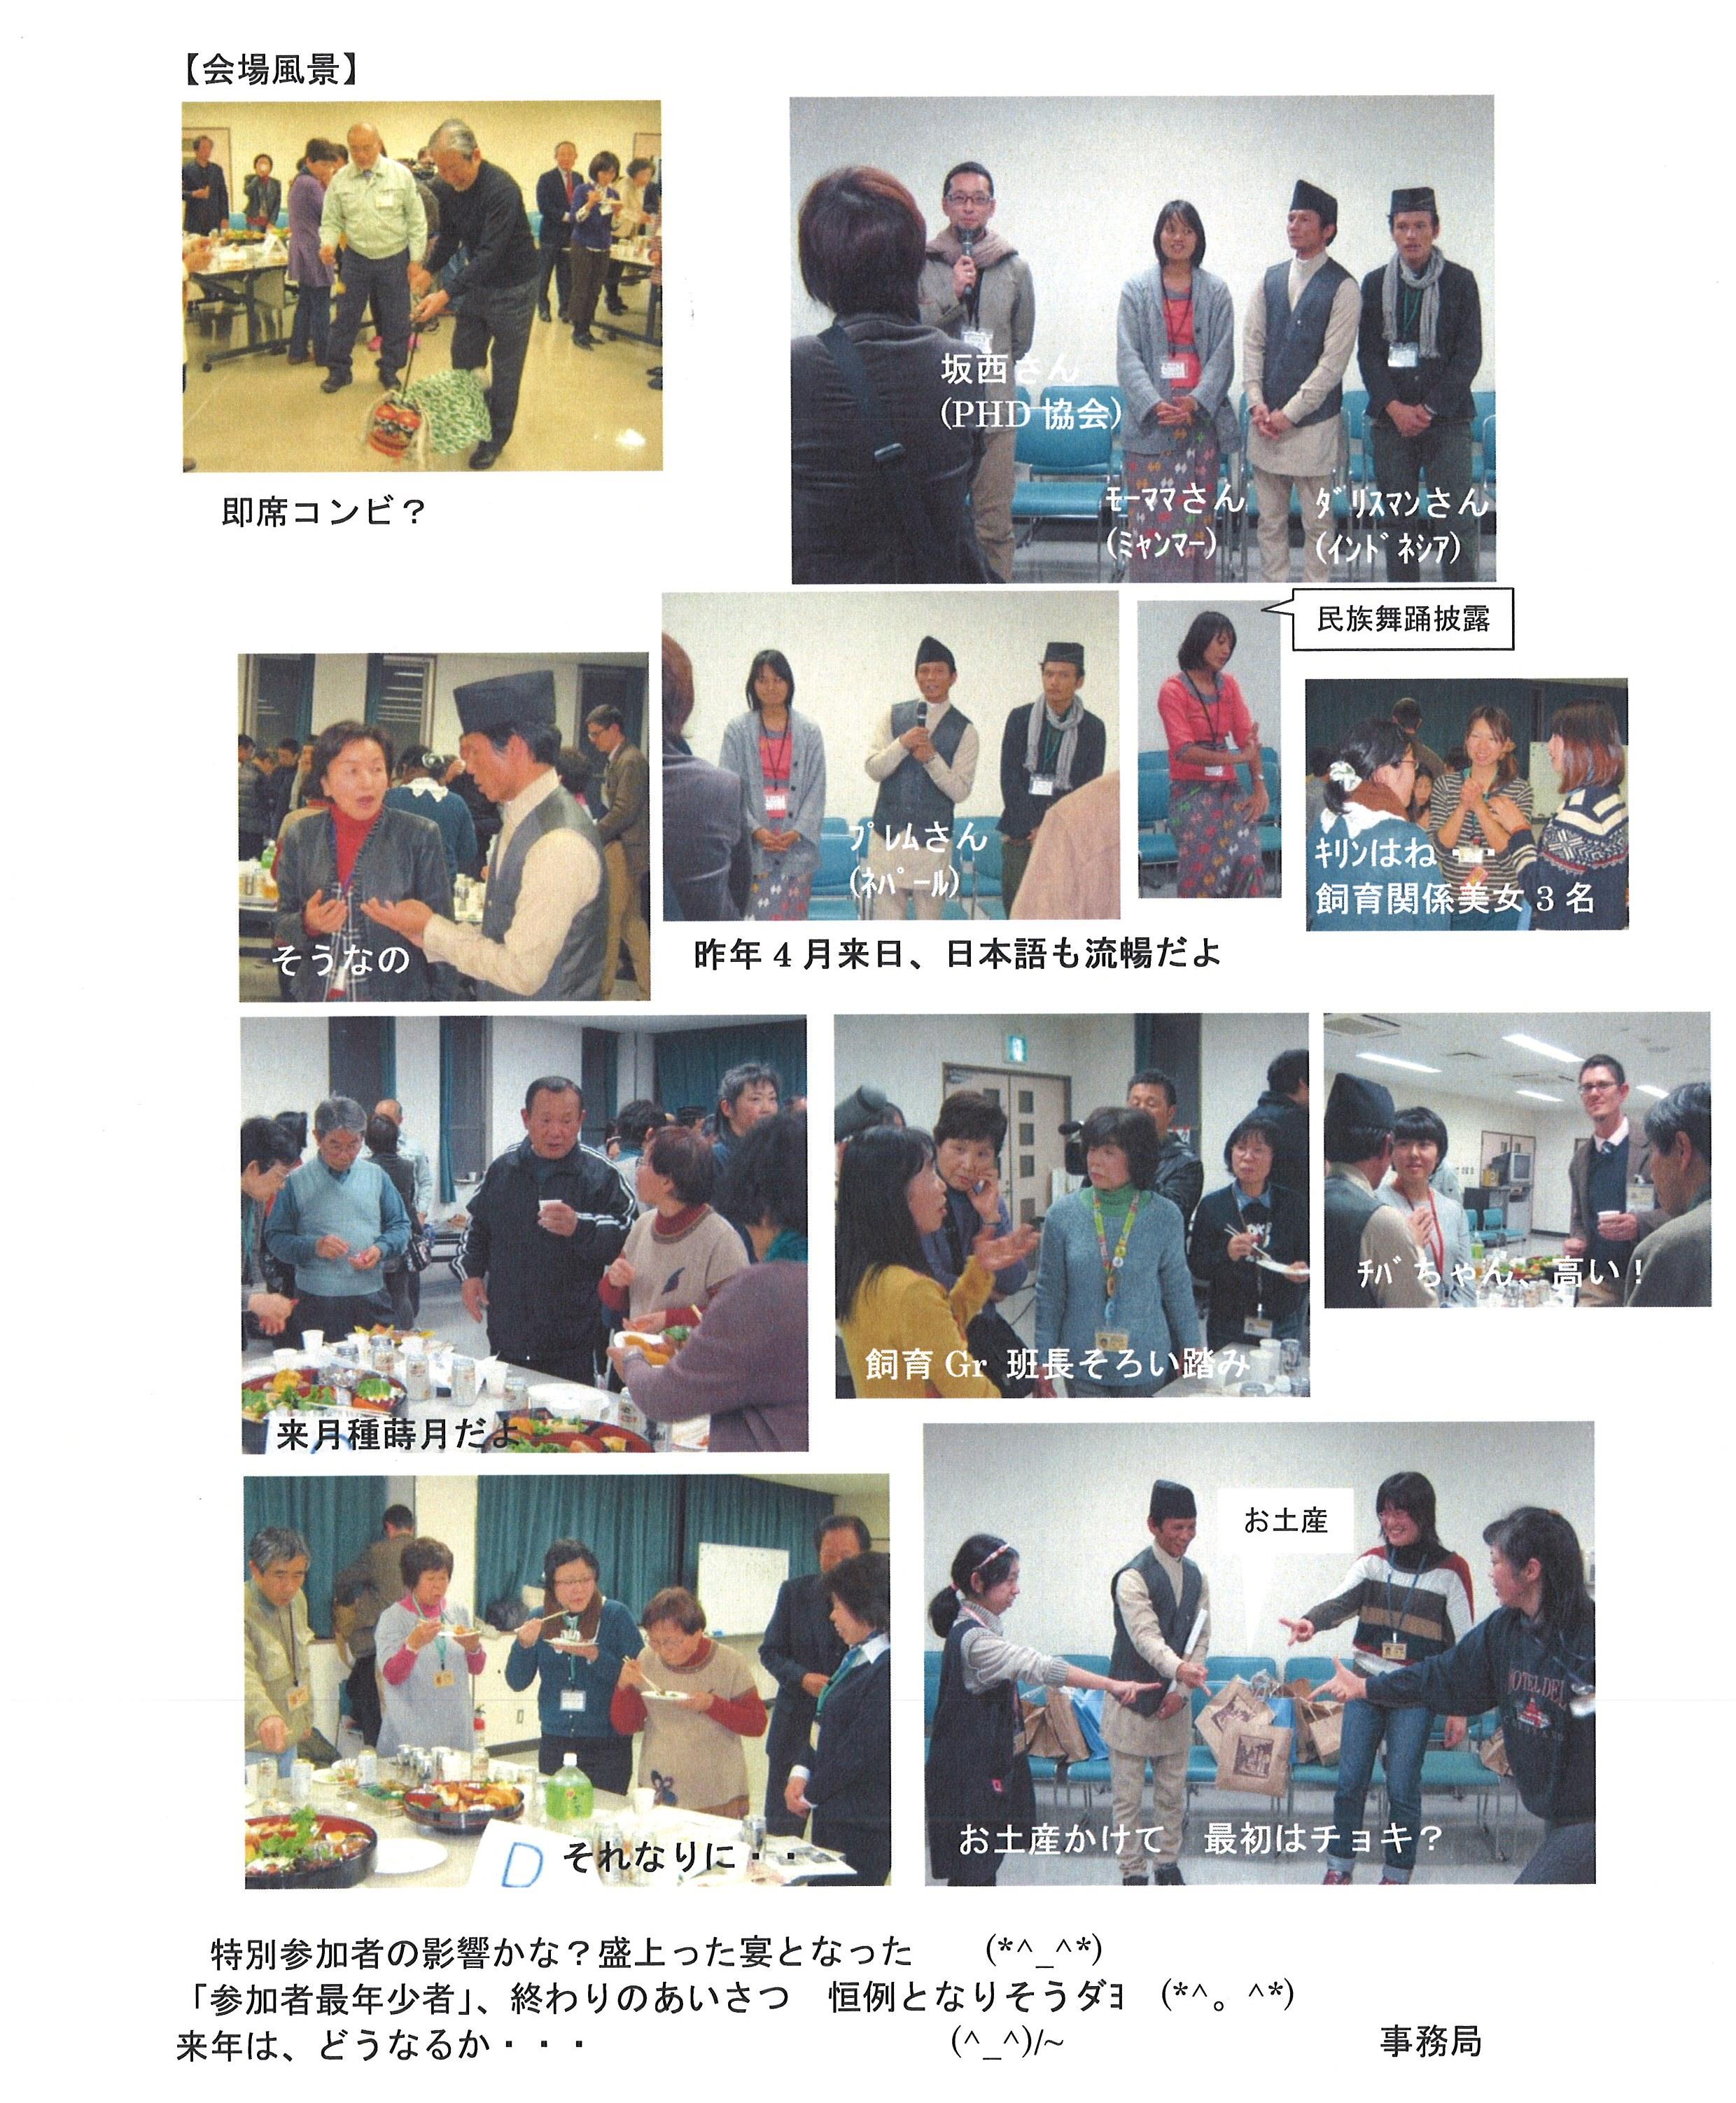 20140130_森の仲間たち_2.jpg